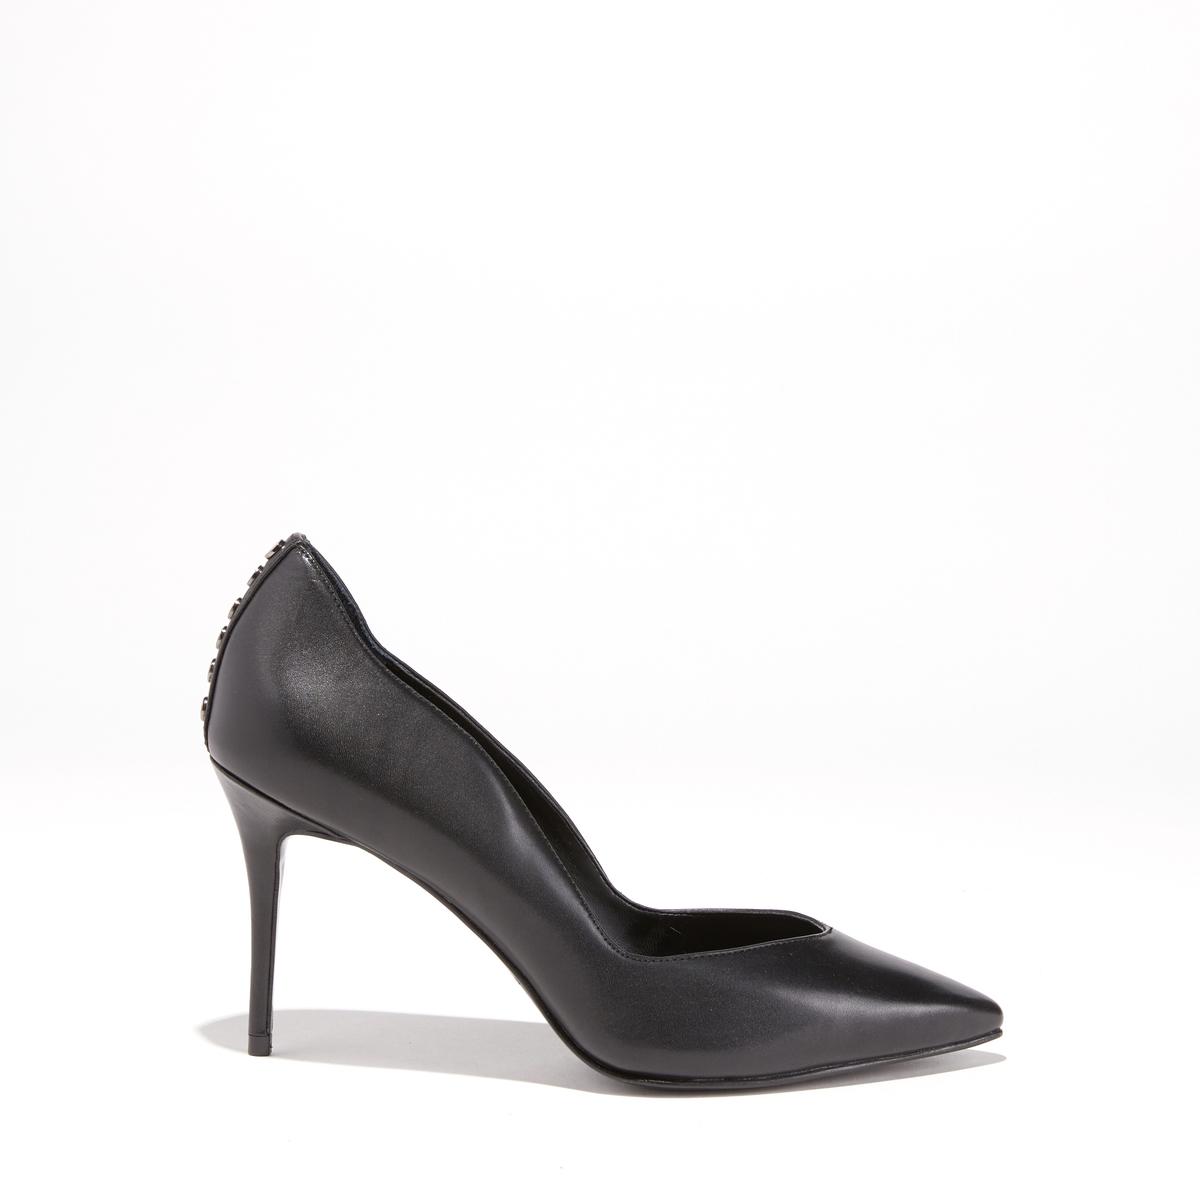 KENDALL + KYLIE Туфли-лодочки кожаные с заострённым мыском BRIANNA